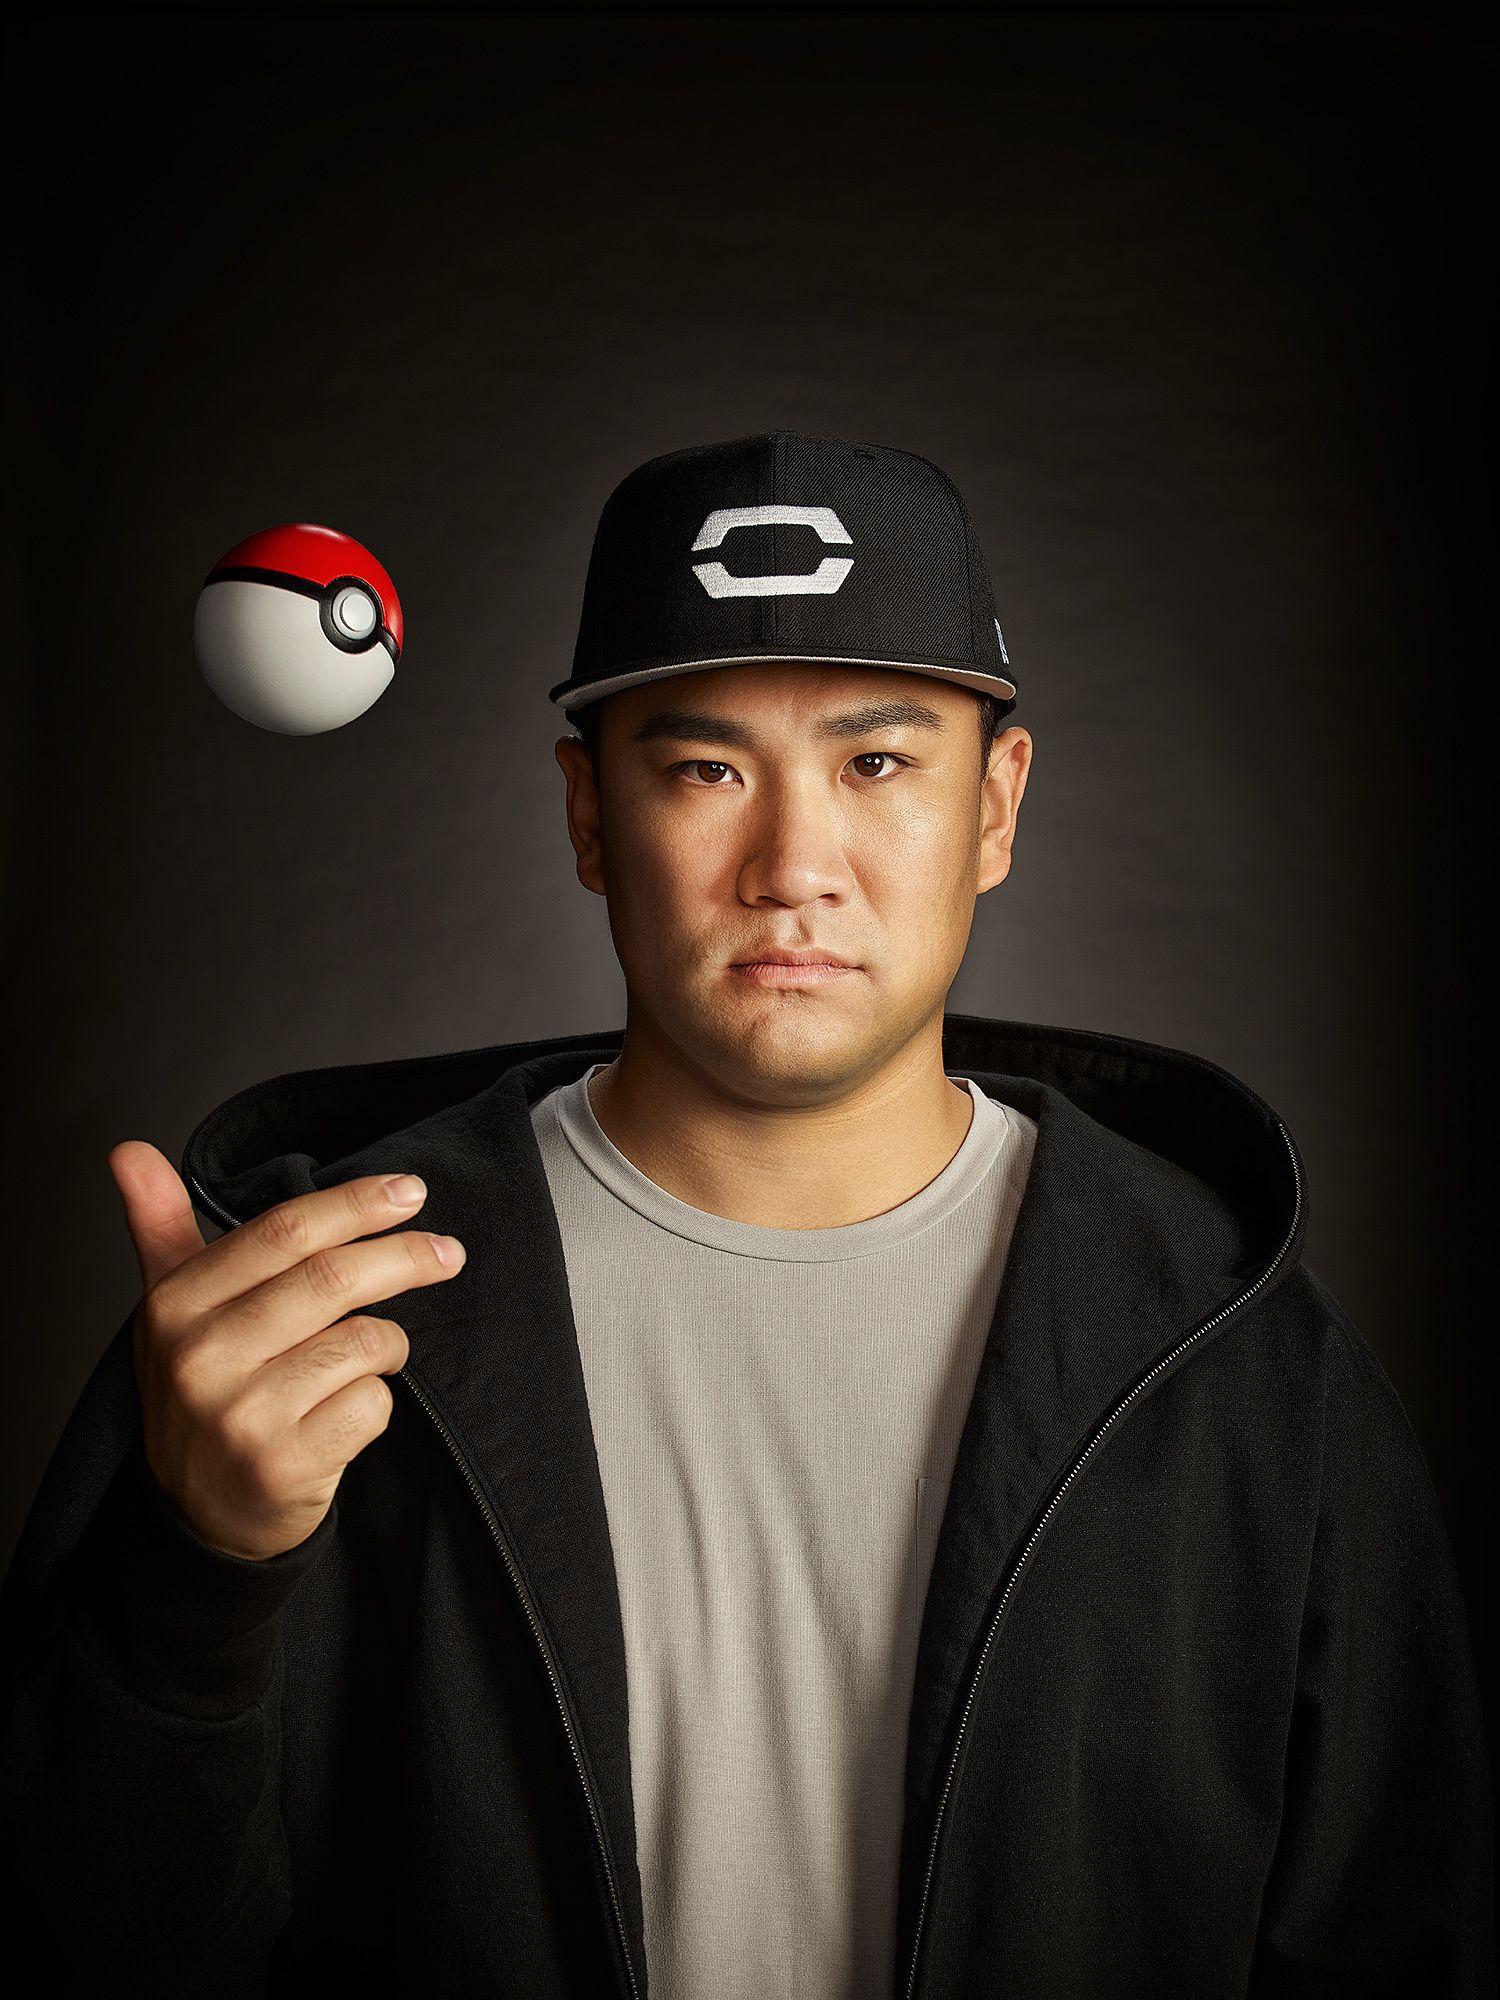 Masahiro TanakaNew York Yankees PitcherNintendo Pokemon JWT/Tokyo